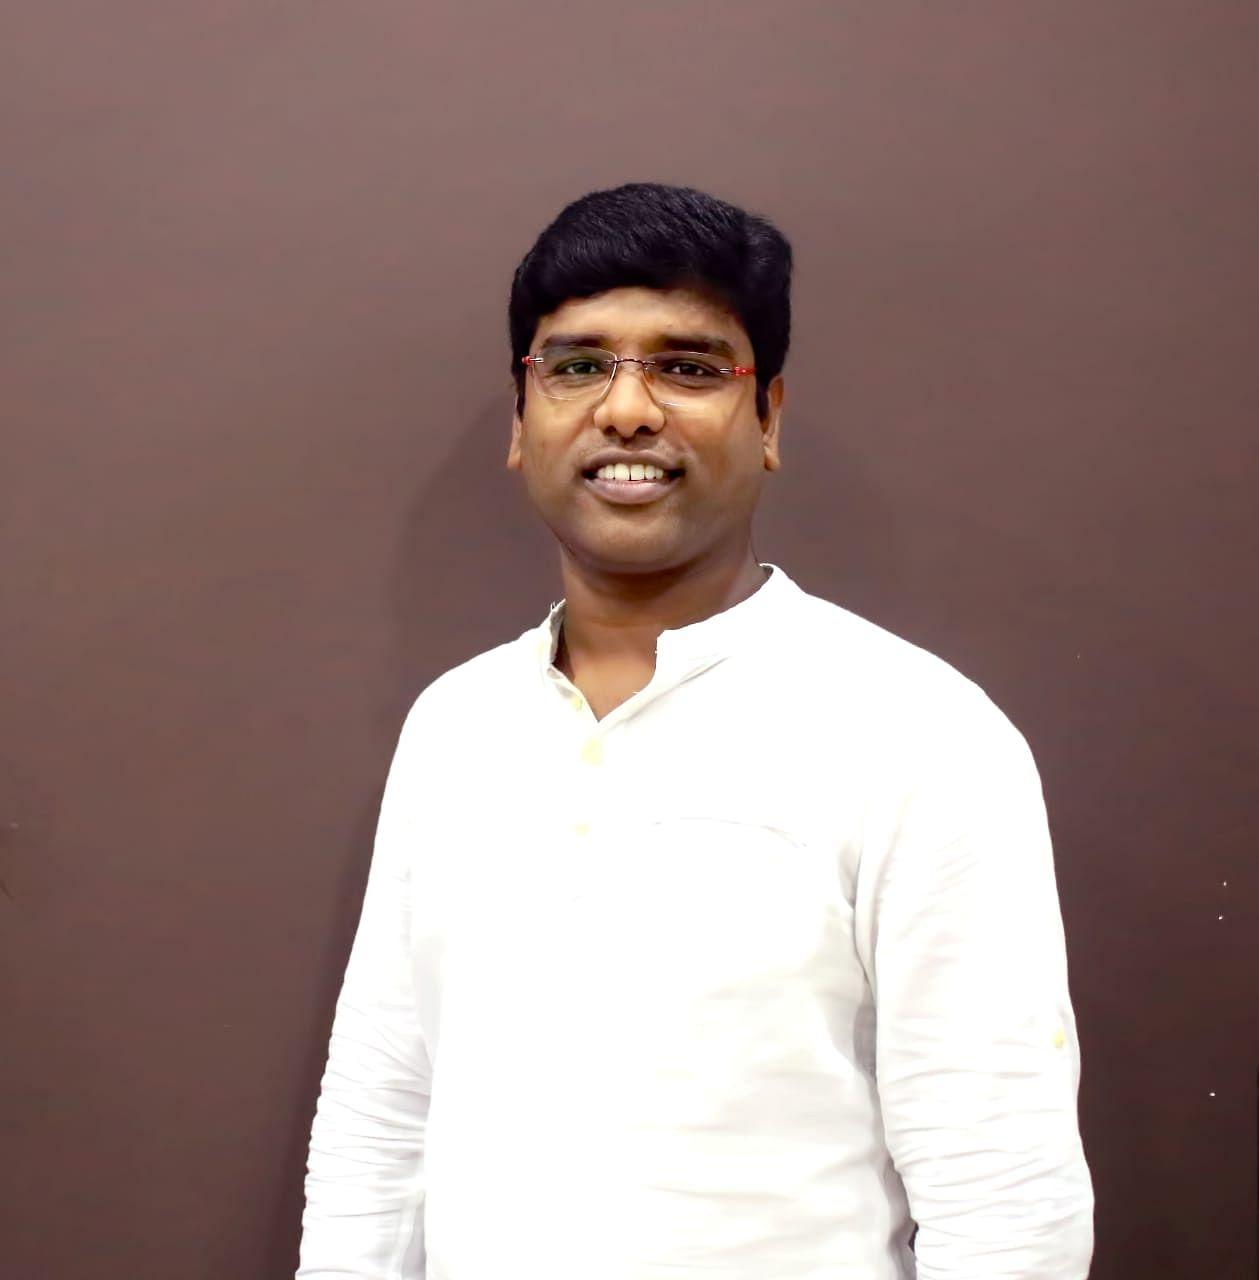 தமிழ் கா.அமுதரசன் - திமுக